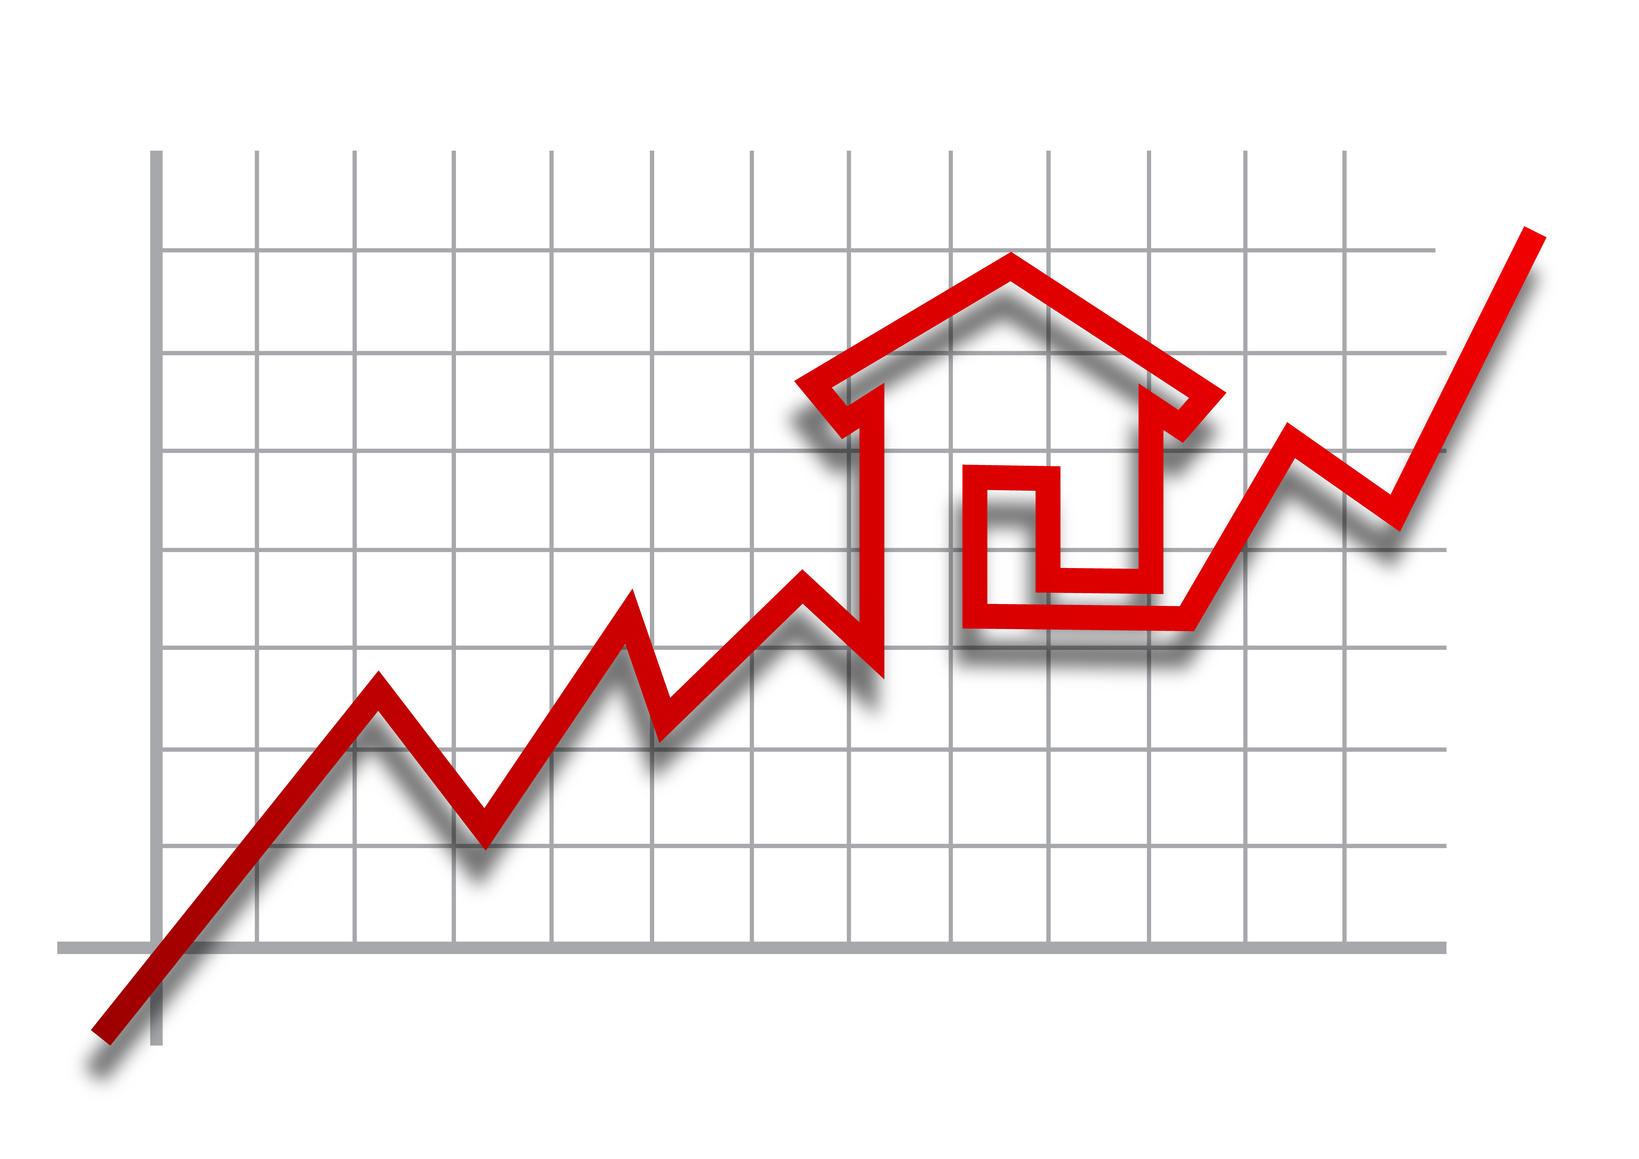 رشد شاخص قیمت نهادههای ساختمانی در سال ۱۳۹۶